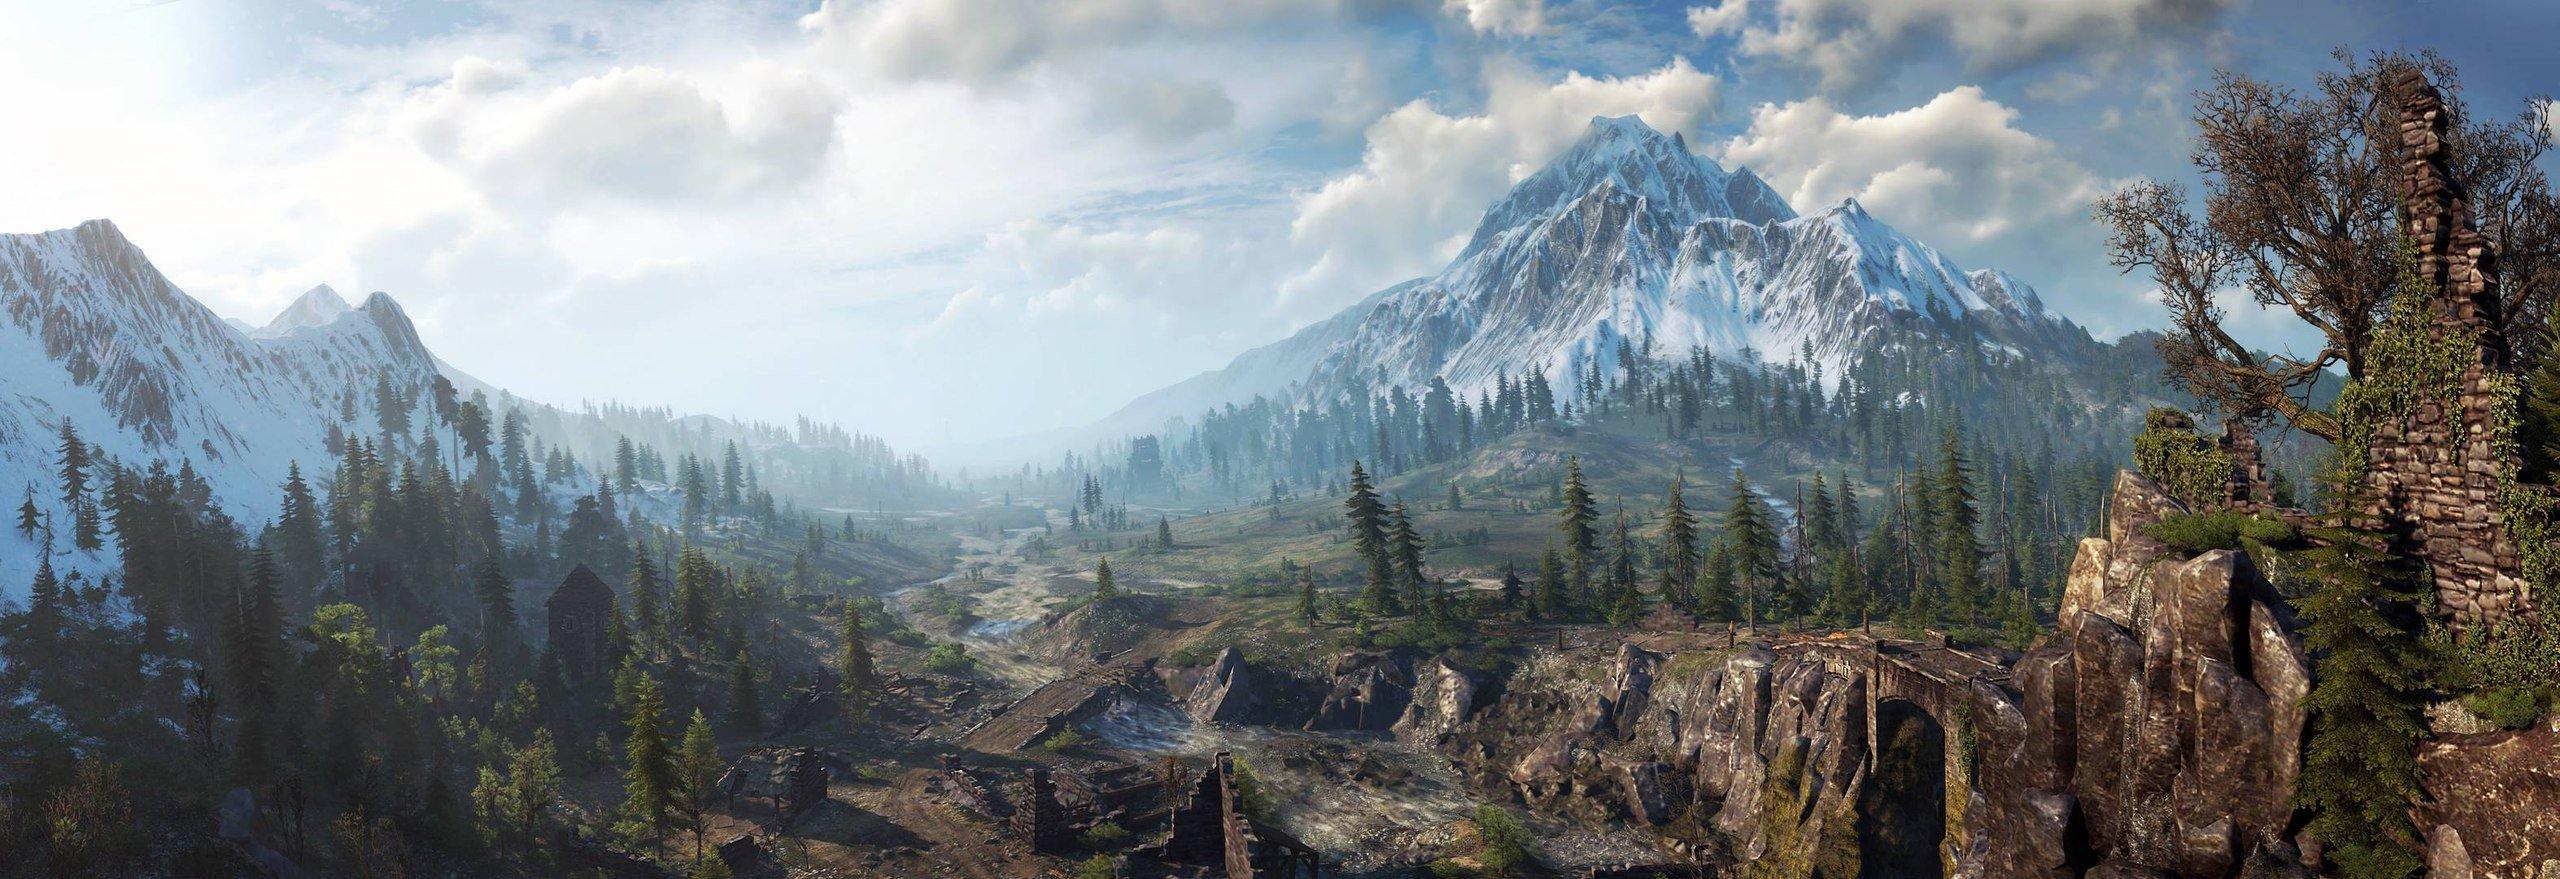 The Witcher 3: Wild Hunt. Ответы на вопросы, новые факты и информация о игре.   Сводка вопросов и ответов по игре, в .... - Изображение 6